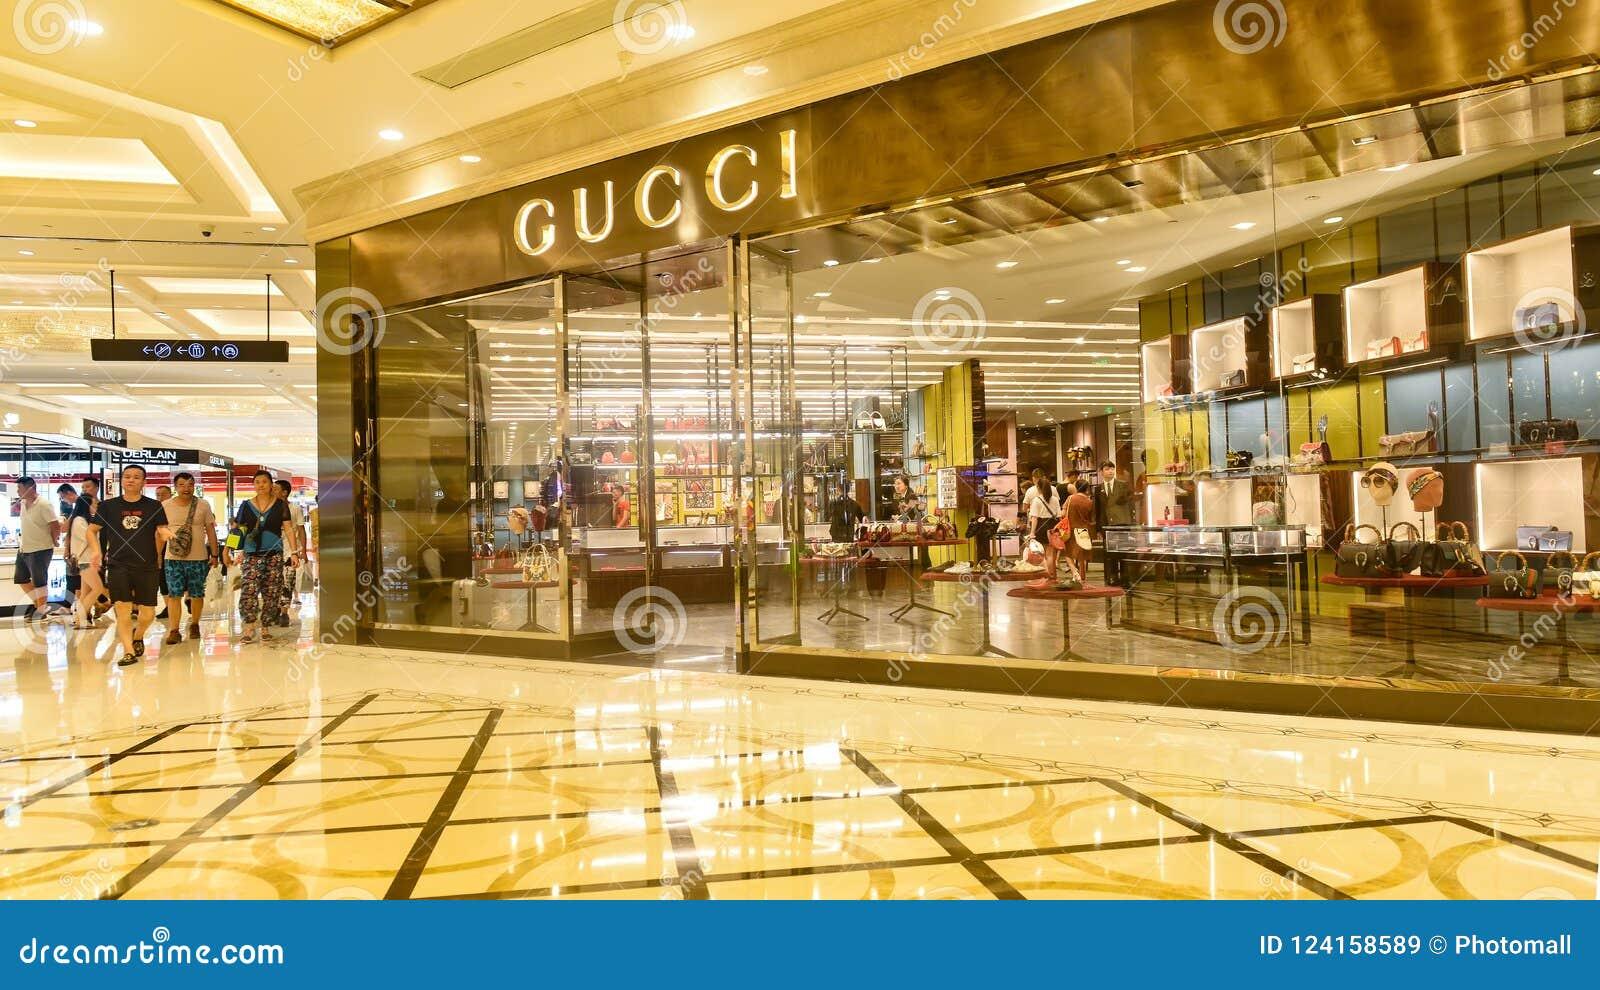 e70d4d5dc46c9 Loja de Gucci imagem de stock editorial. Imagem de cidade - 124158589